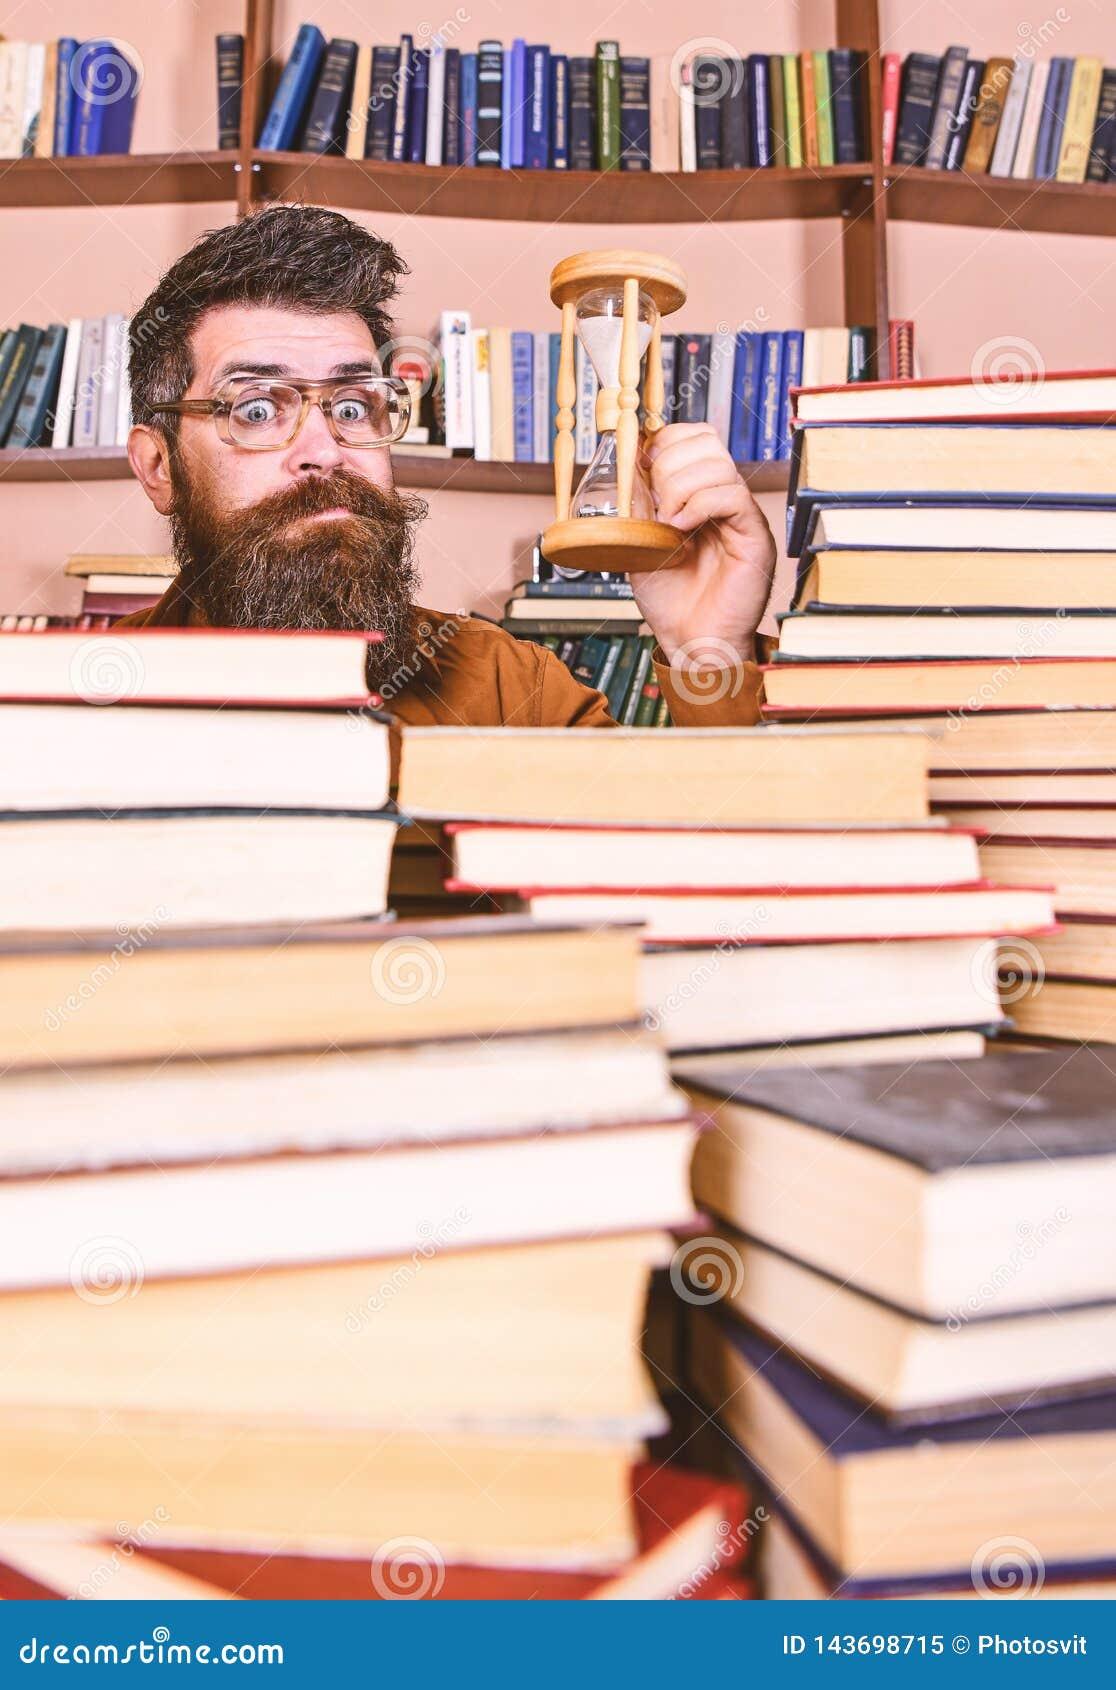 De mens op verrast gezicht houdt zandloper terwijl het bestuderen, boekenrekken op achtergrond Het Concept van de tijdstroom Lera